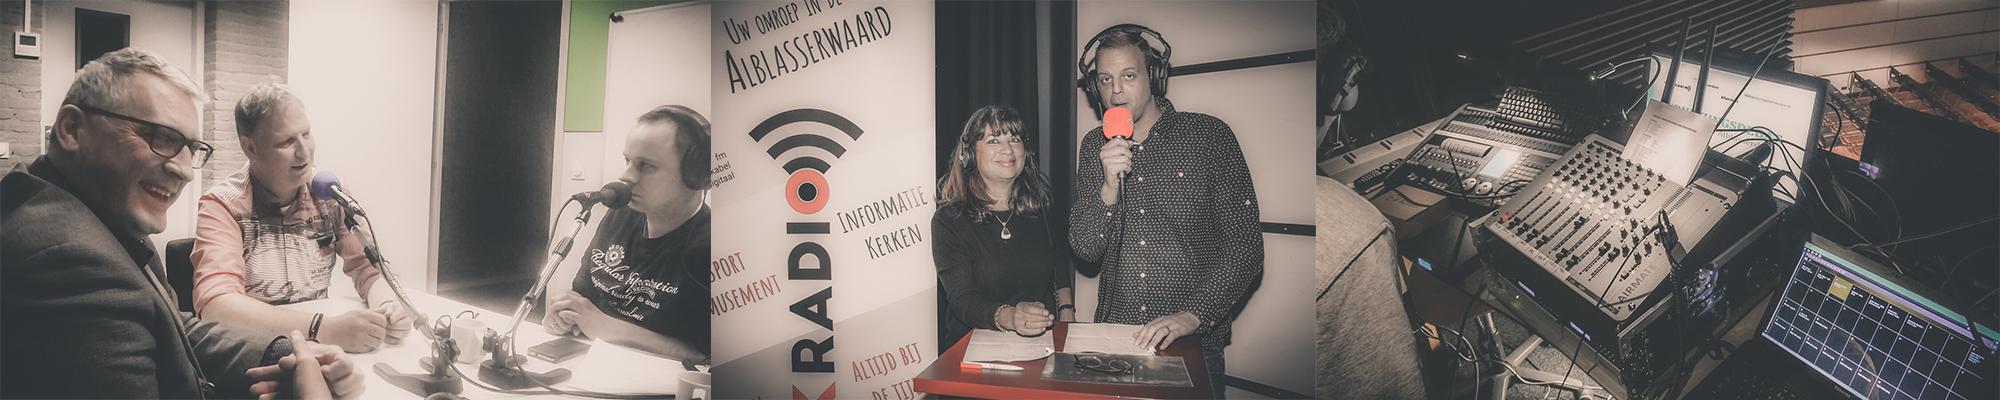 Wordt ook donateur van Klokradio!